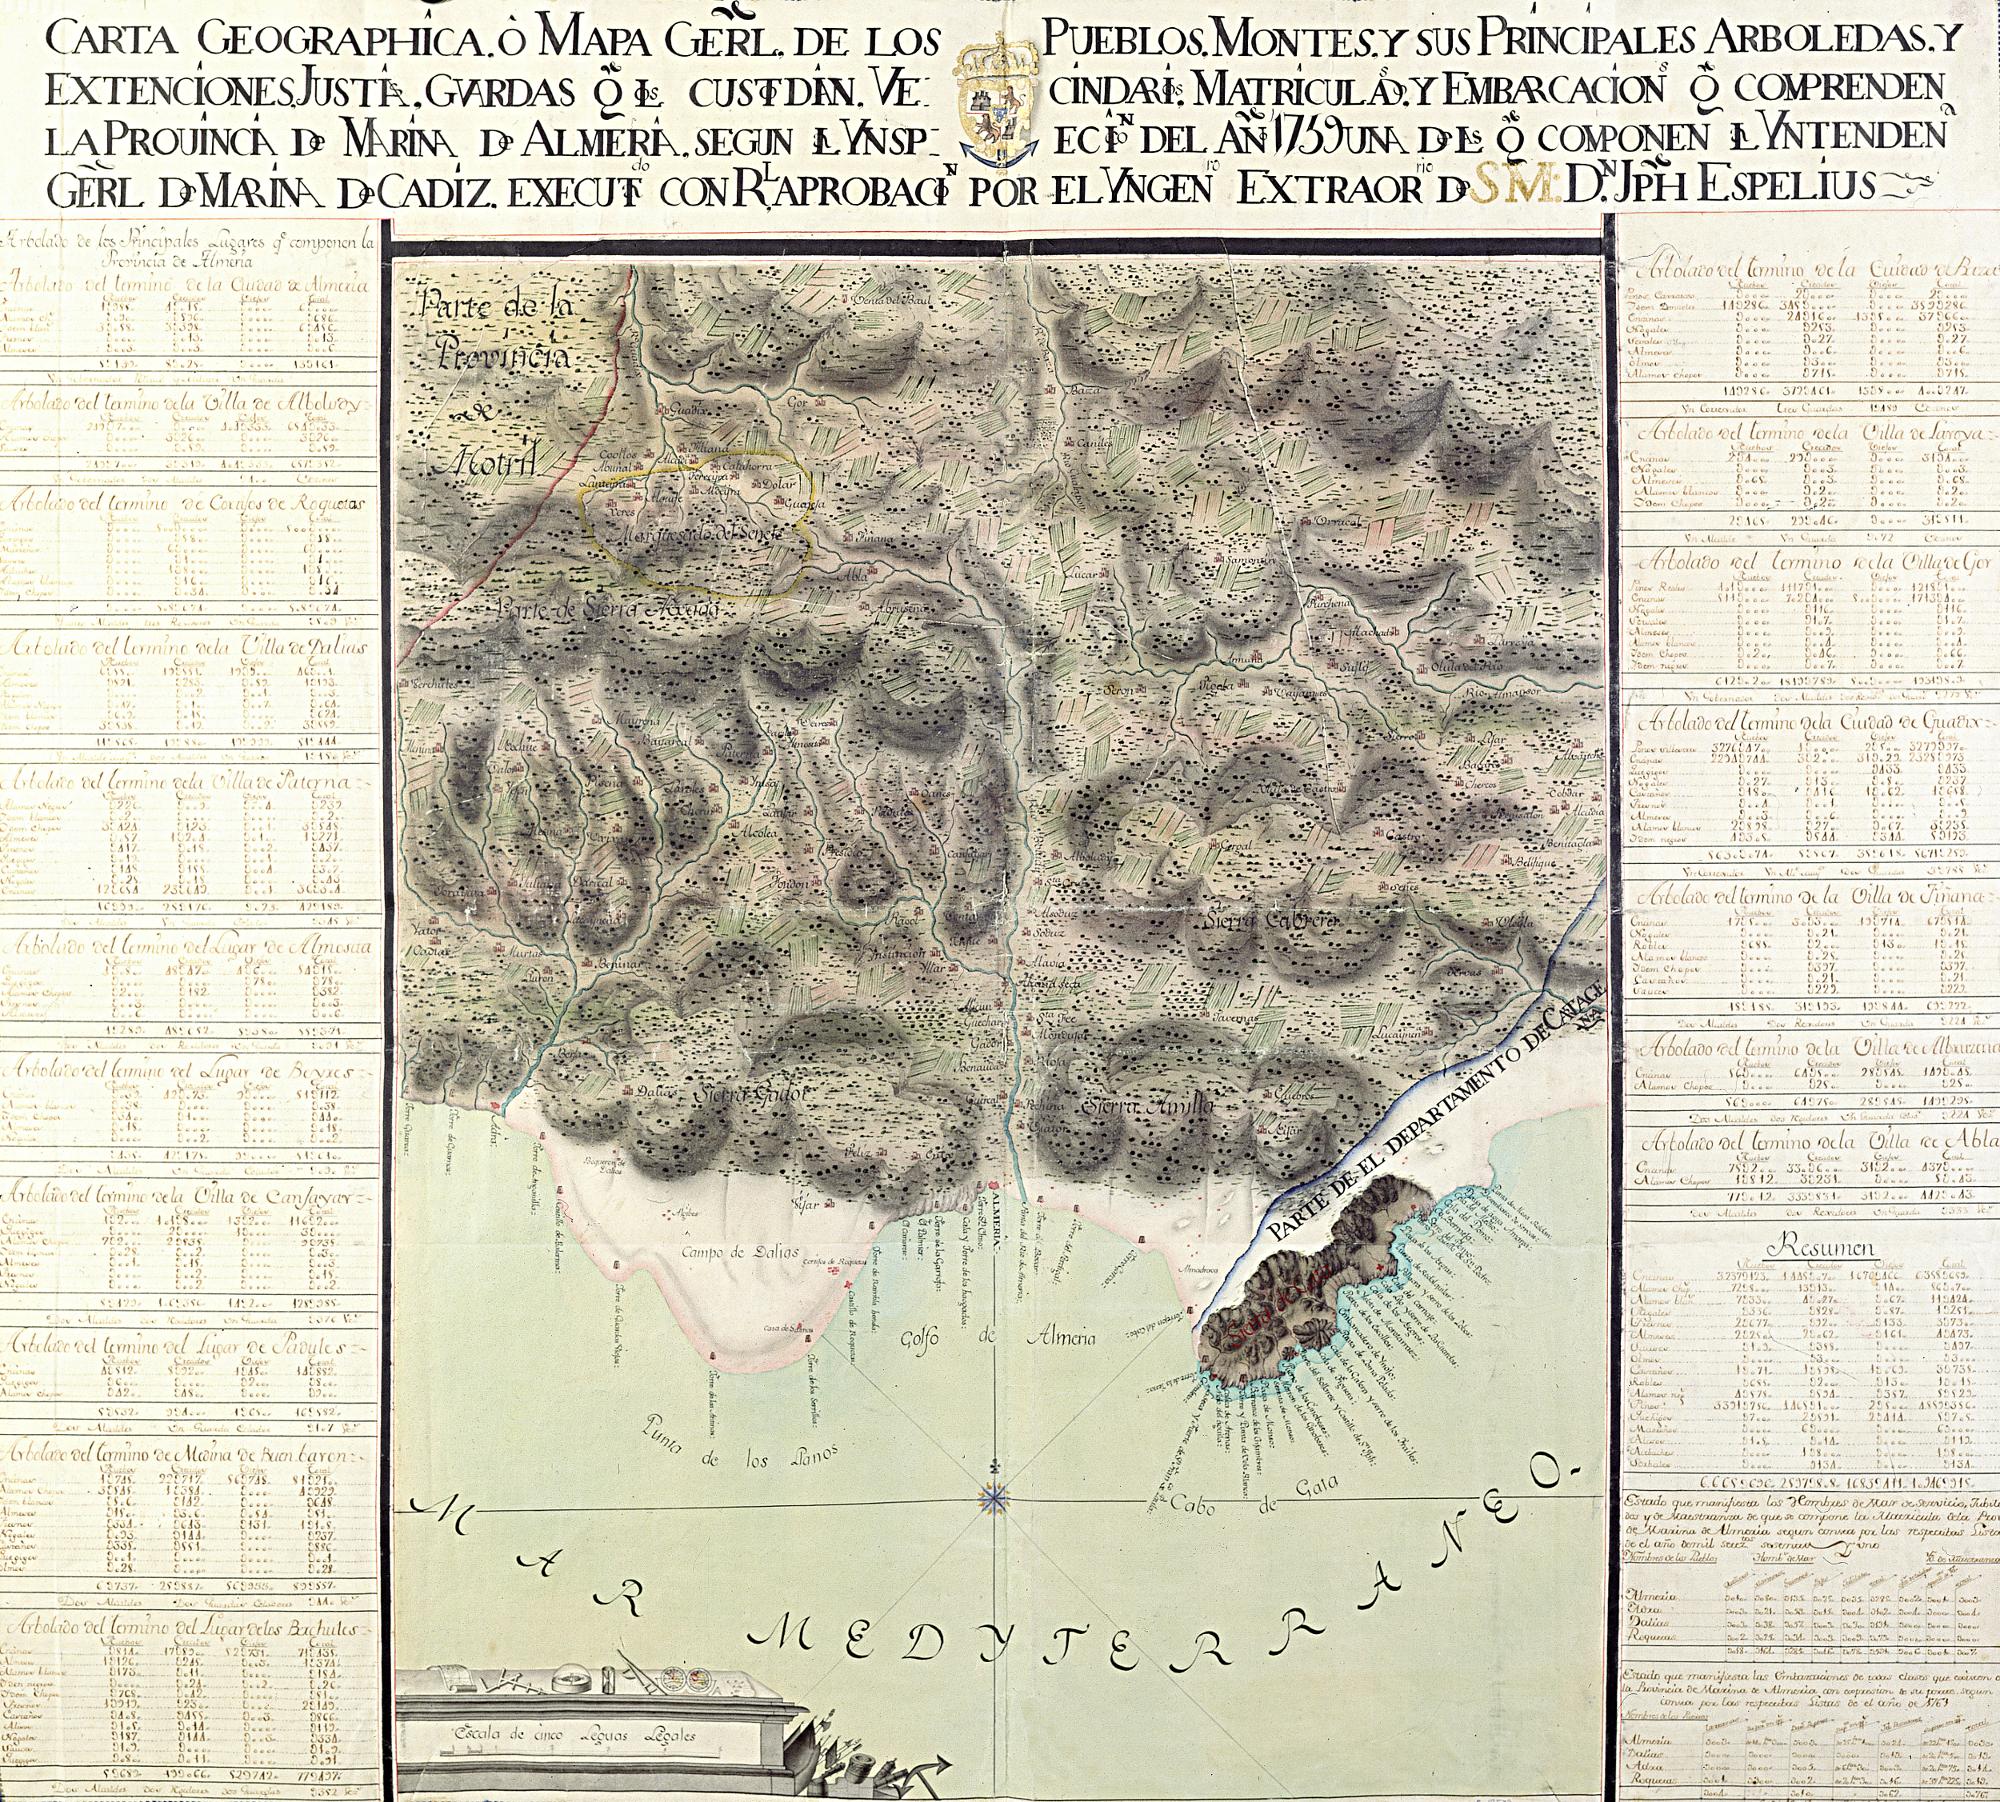 ALMERIA (Provincia). Parcial. Mapas generales. 1:127000. 1764